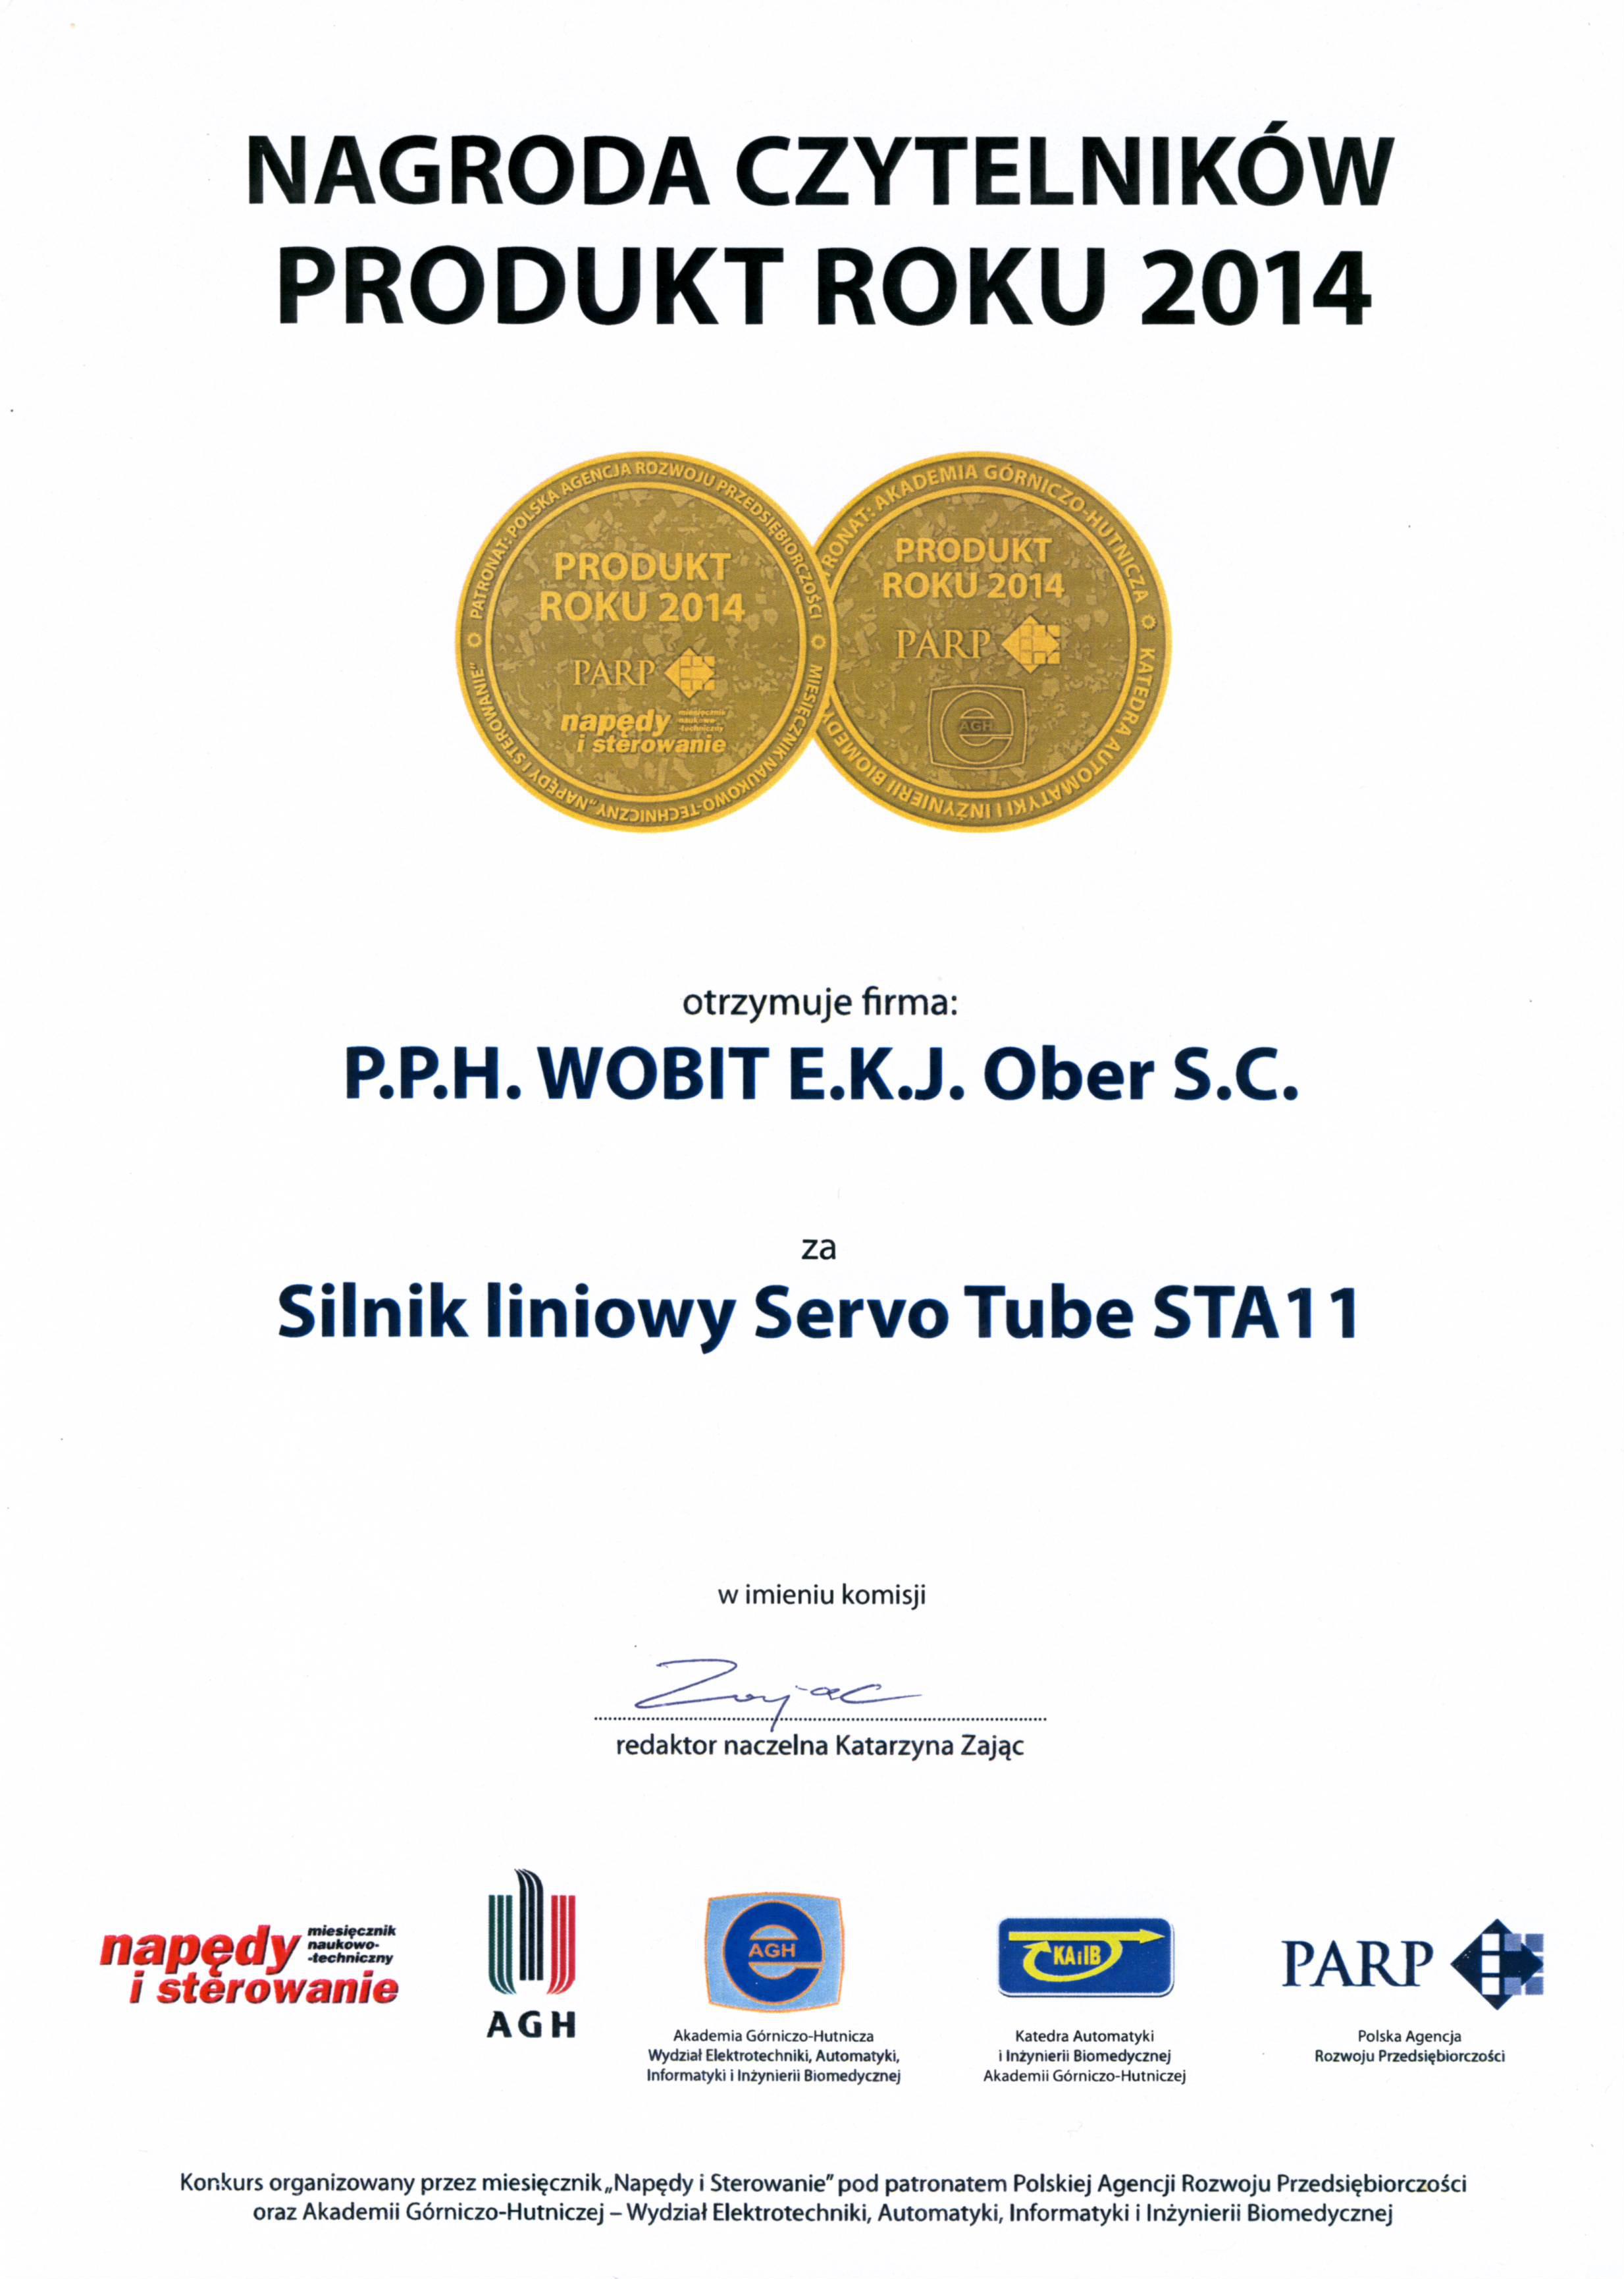 Produkt Roku 2014 - nagroda czytelników - ServoTube STA11